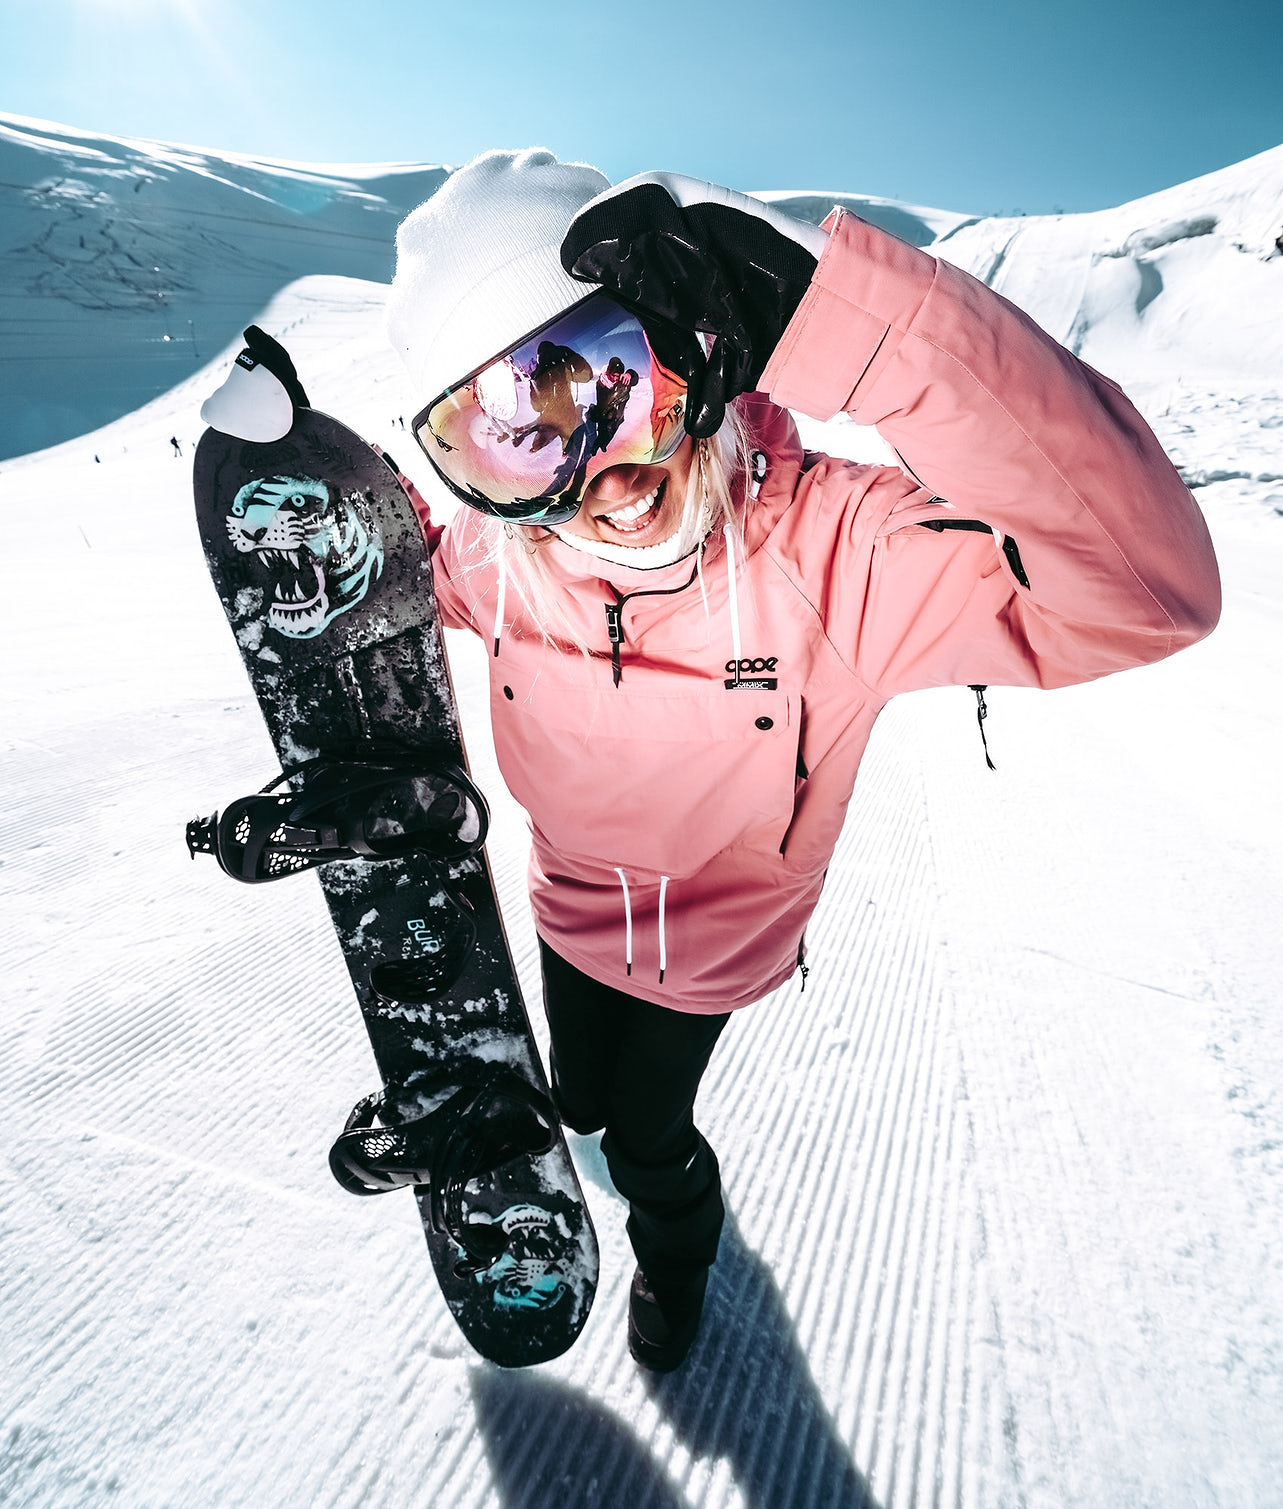 Kaufe Annok W 18 Snowboardjacke von Dope bei Ridestore.de - Kostenloser, schneller Versand & Rückversand.